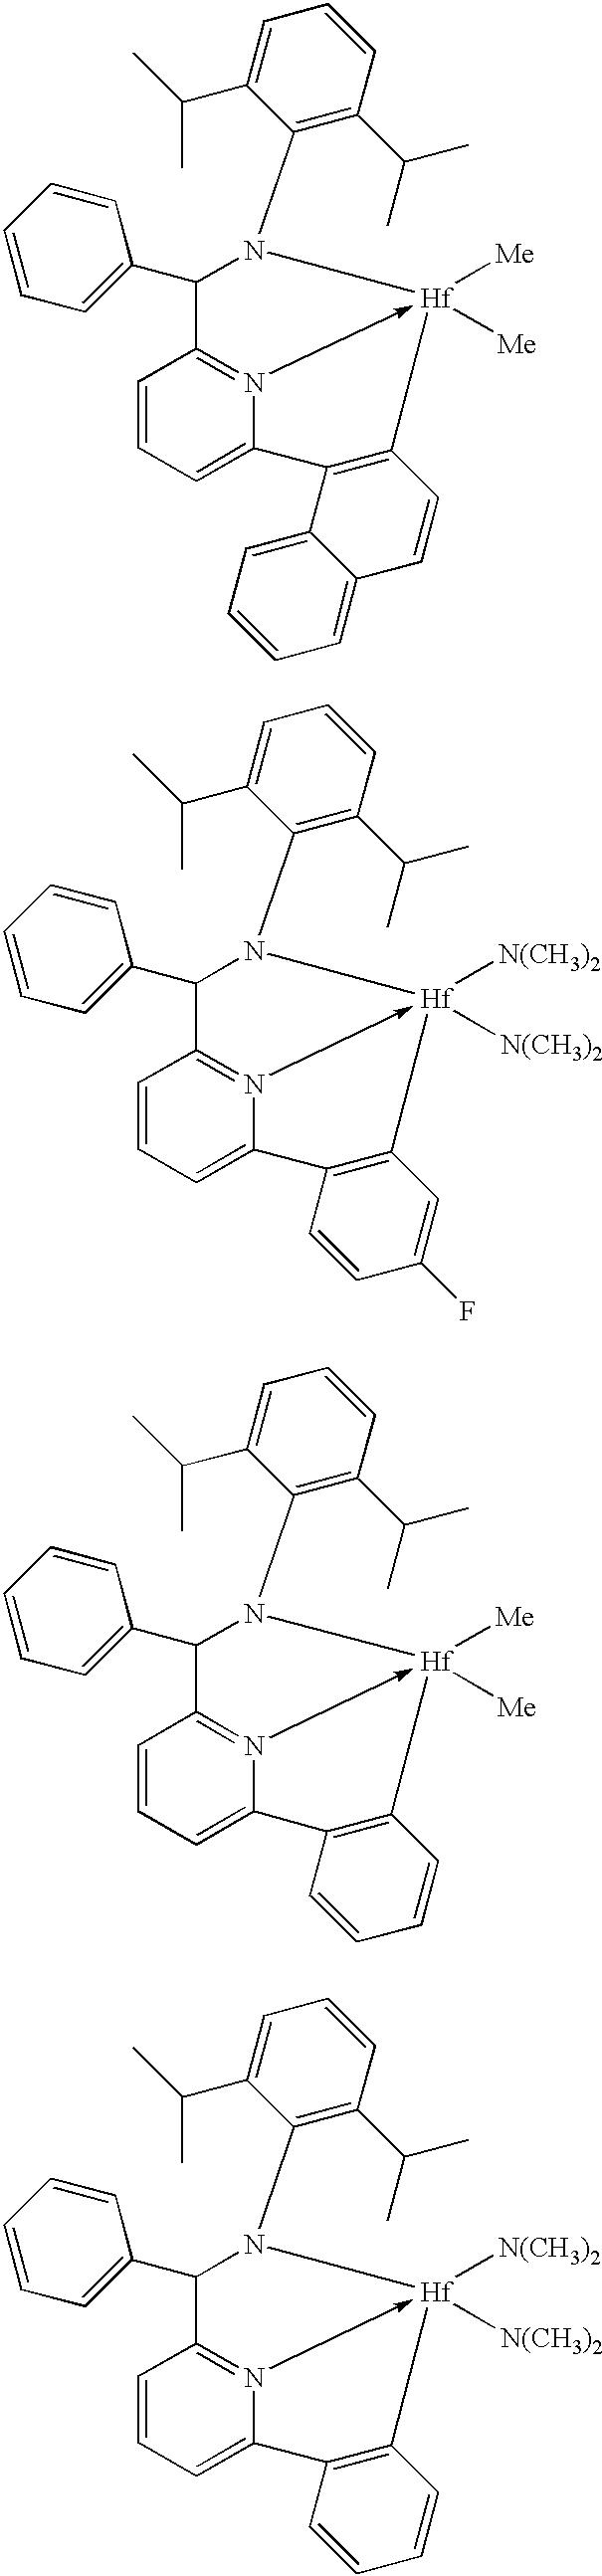 Figure US06927256-20050809-C00023